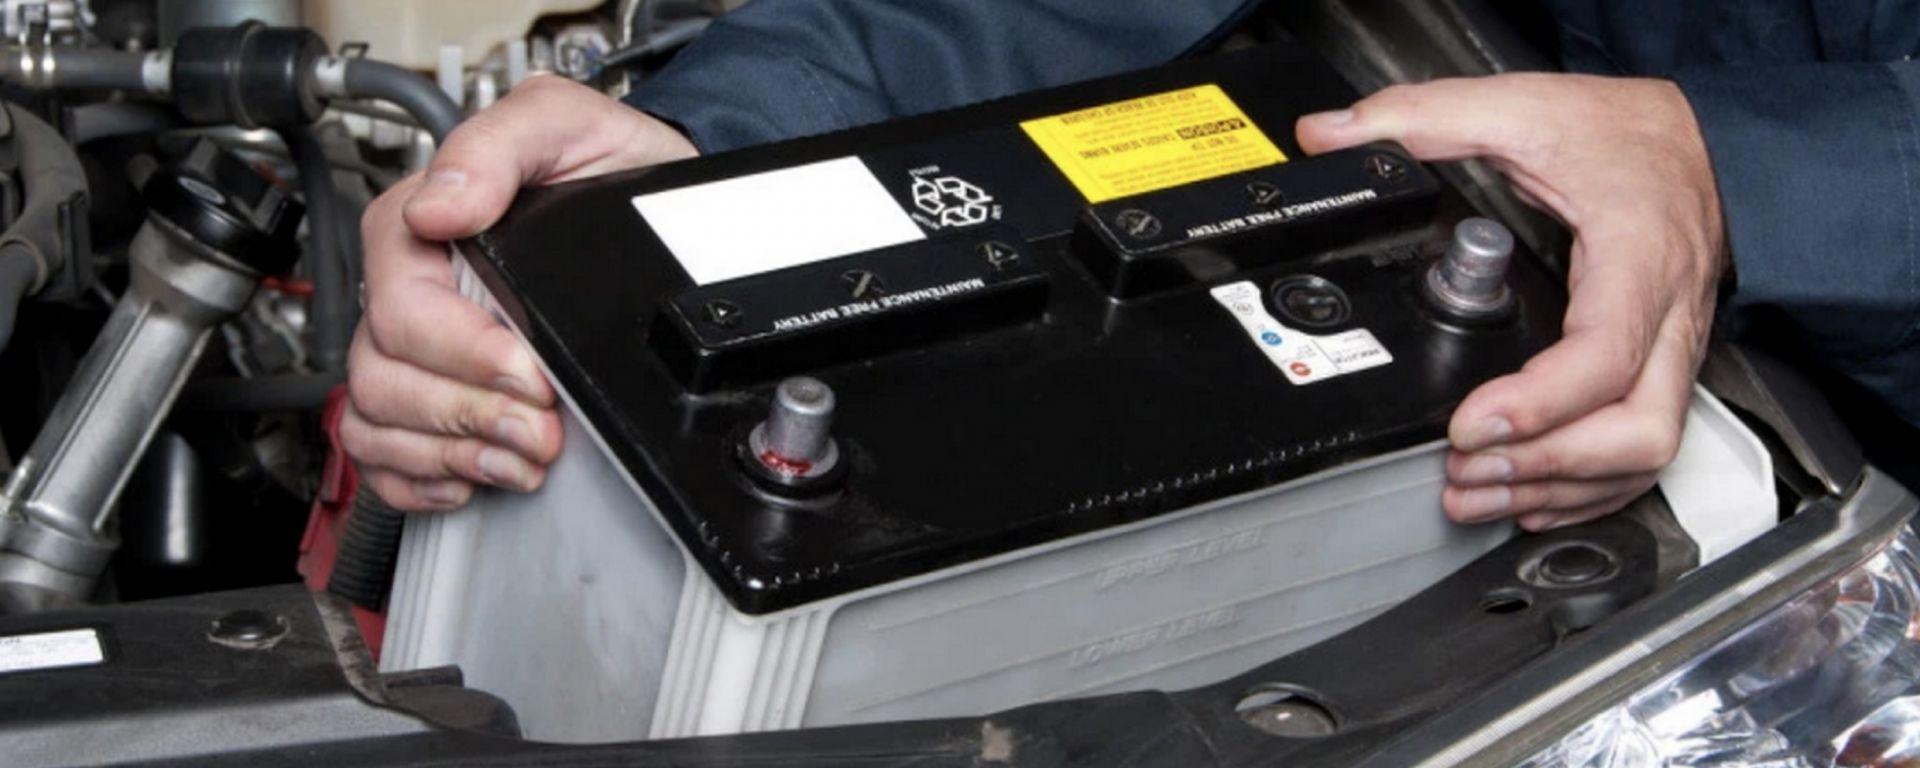 Norauto, servizio di sostituzione batteria a domicilio